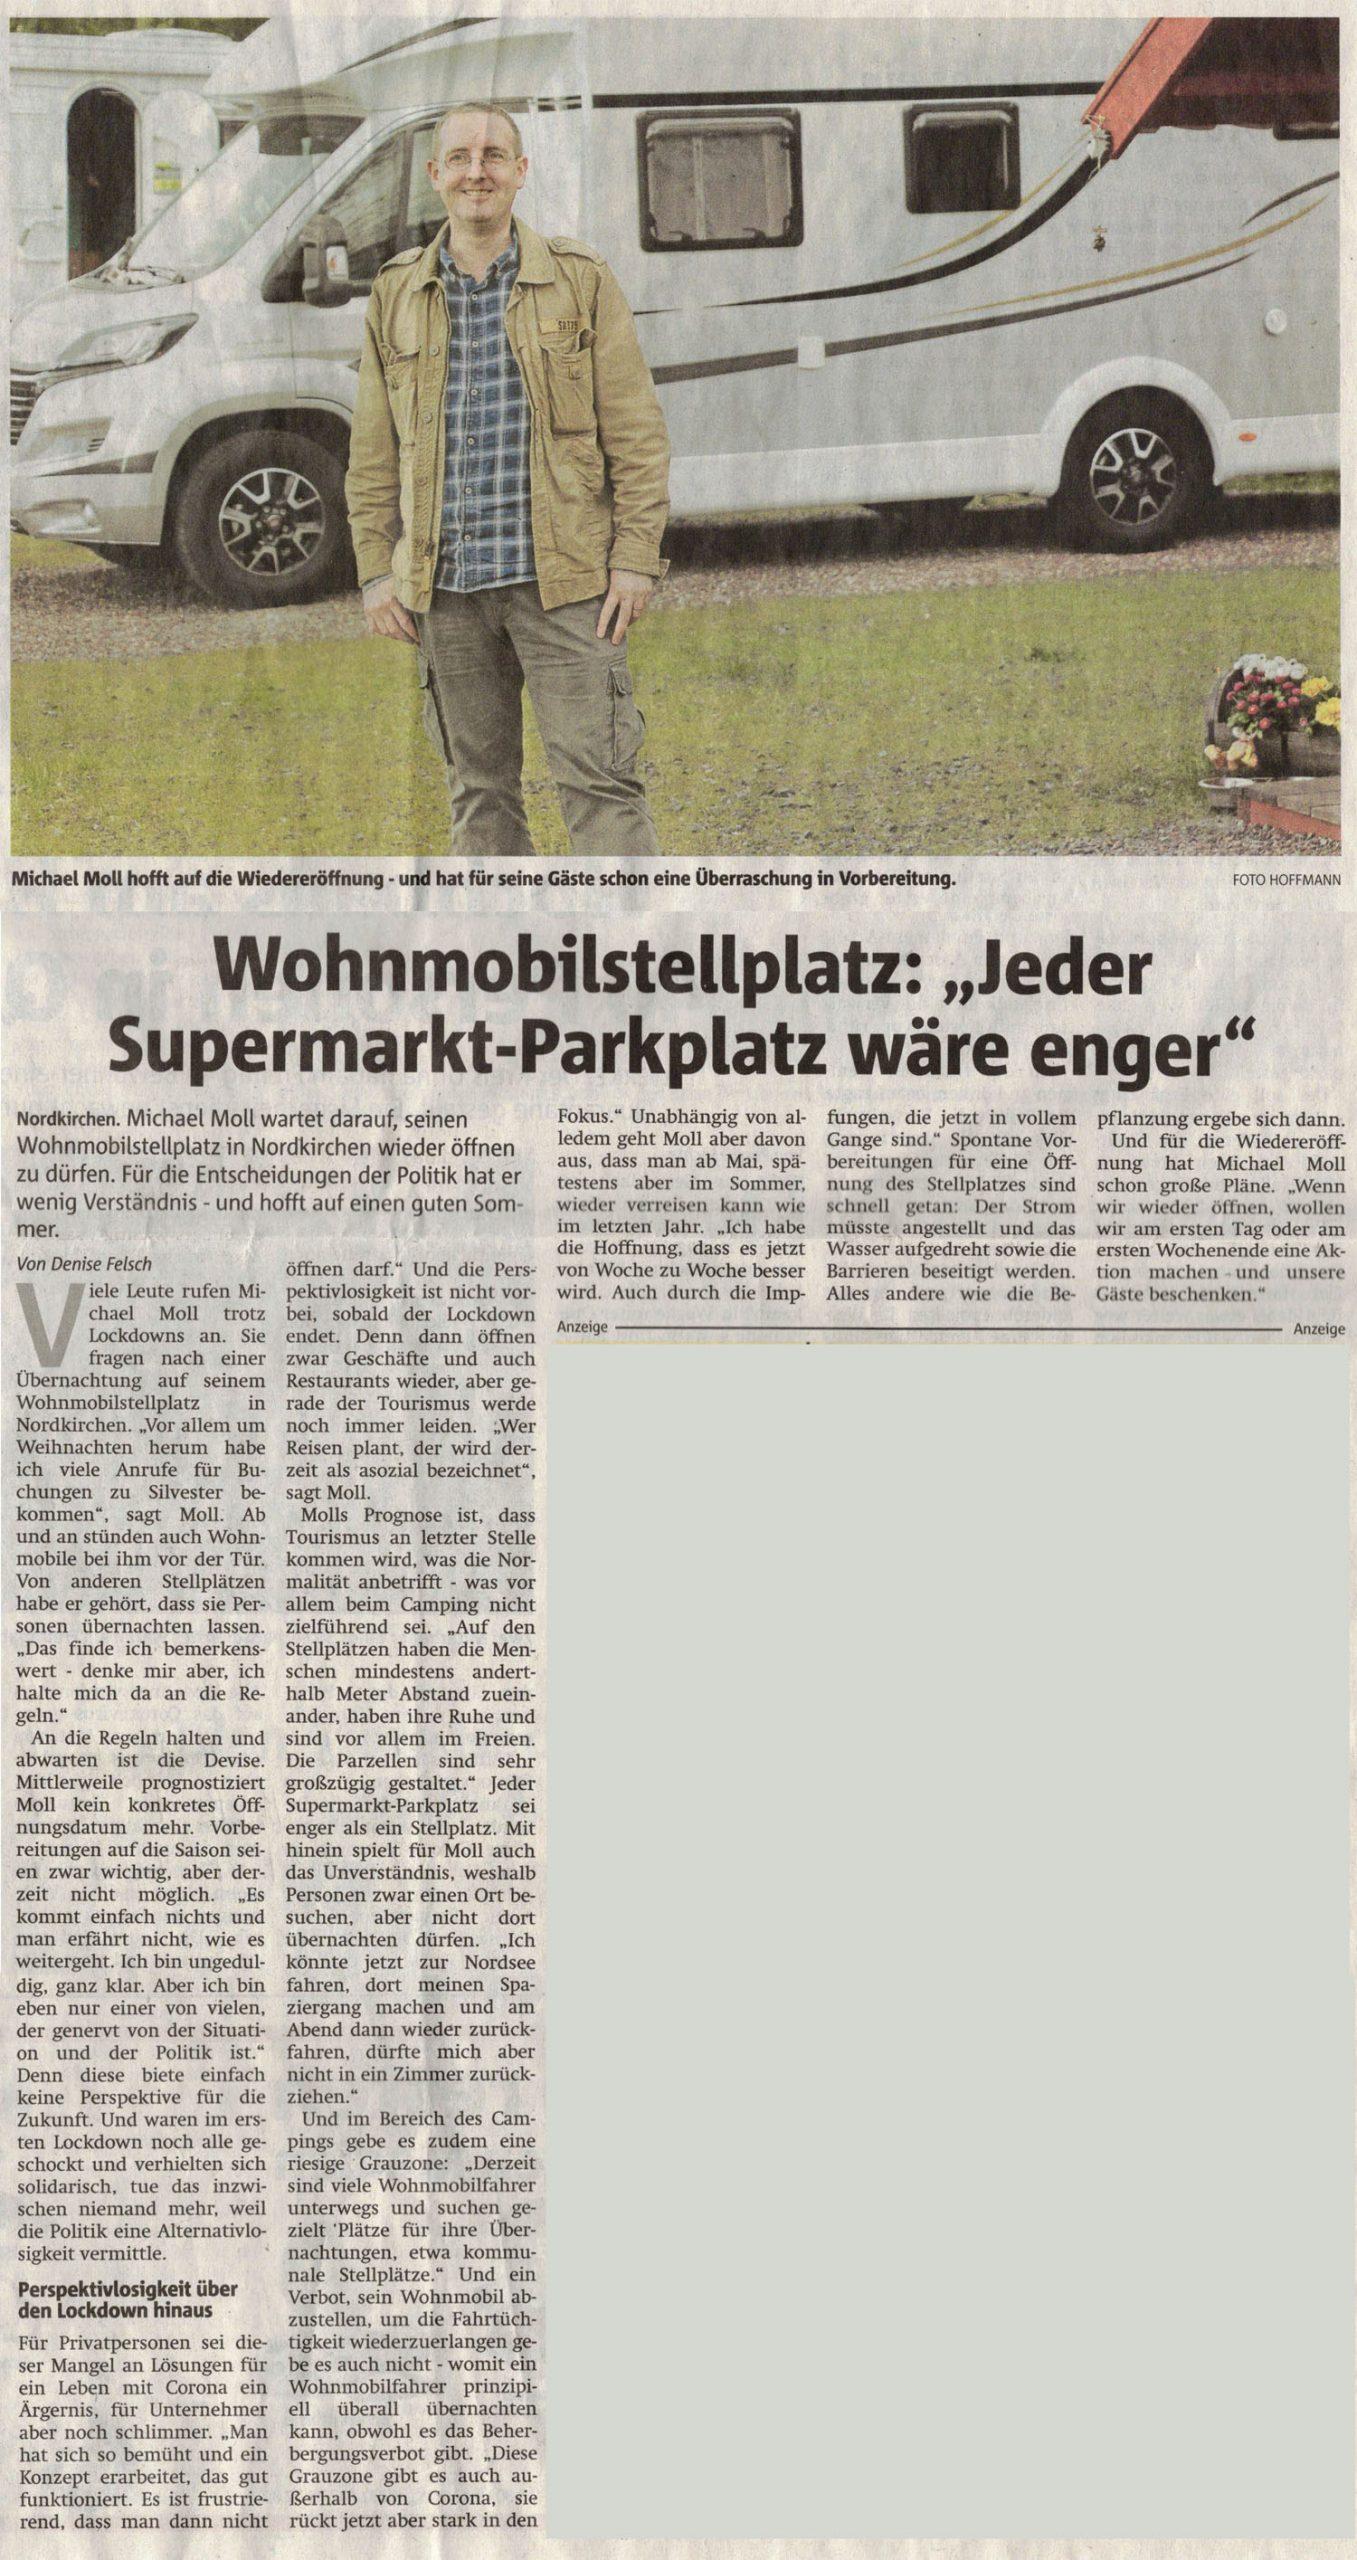 Ruhrnachrichten vom 27. Februar 2021